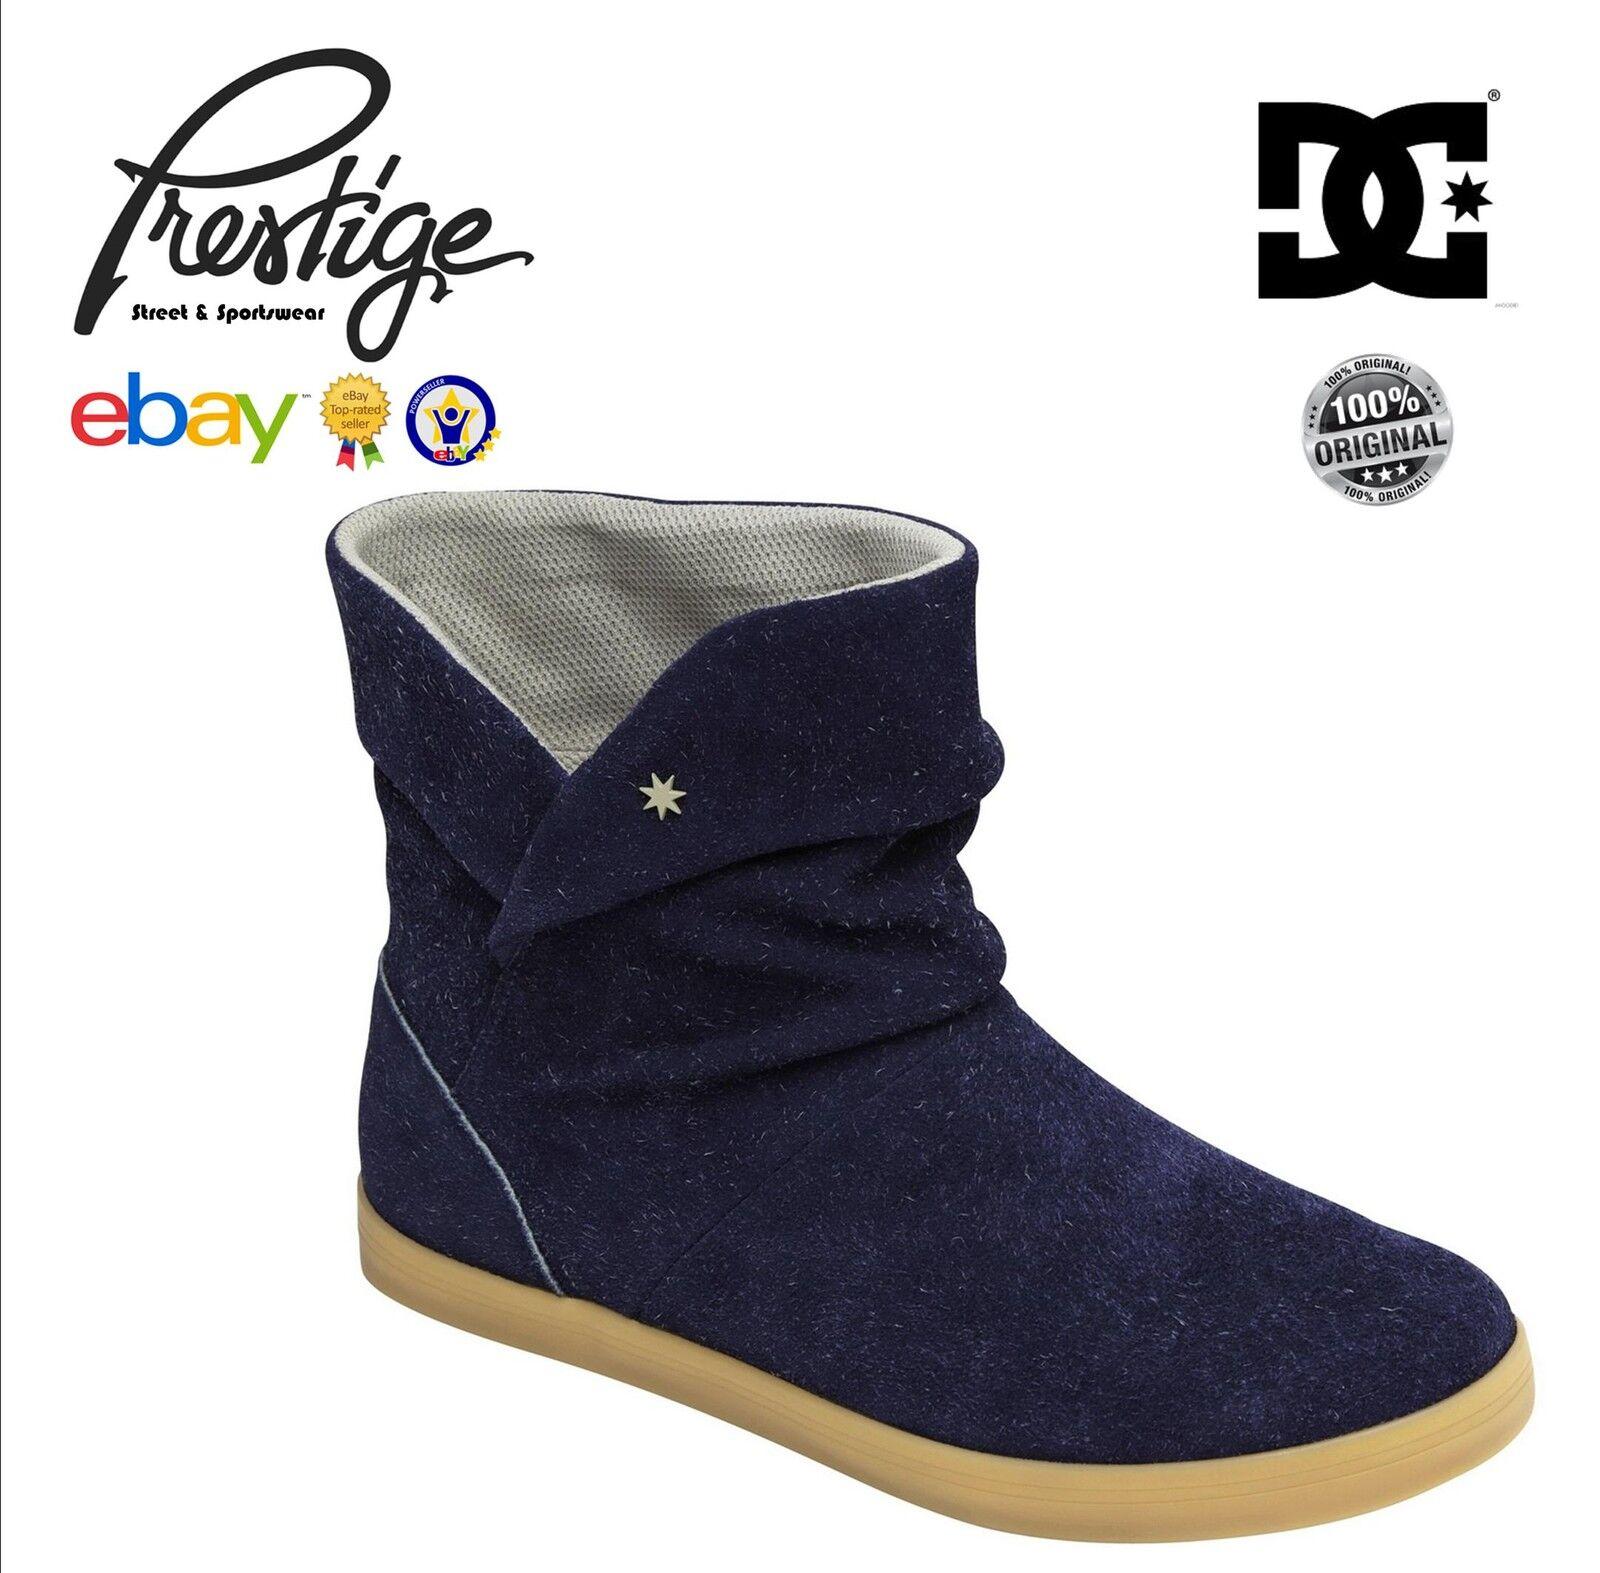 Stiefel frau frau frau DC Schuhe 36-37-38-39-40 e60cff